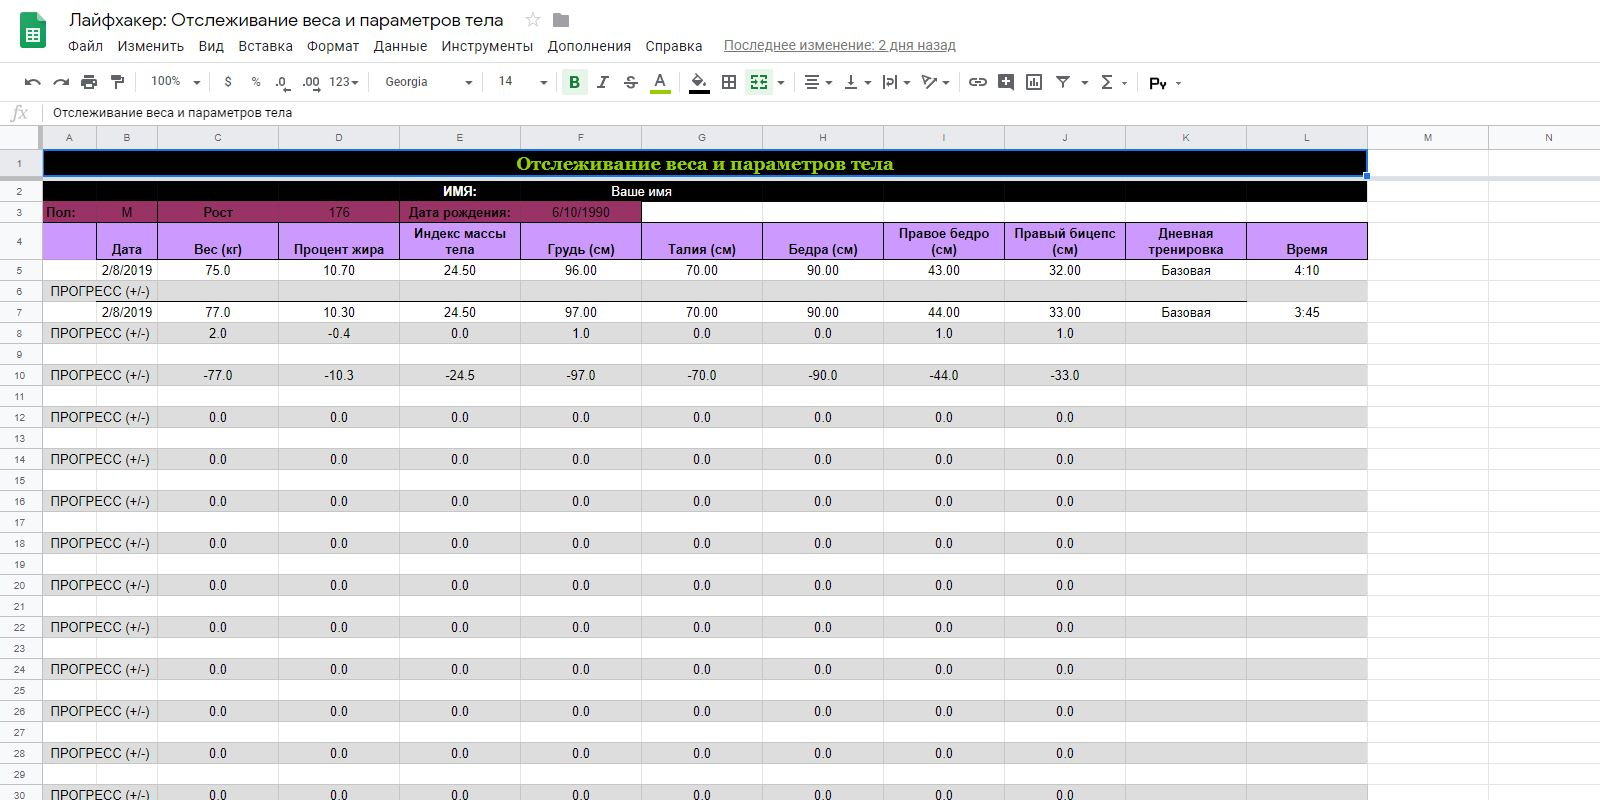 «Google Таблицы»: шаблон «Отслеживание веса и параметров фигуры»